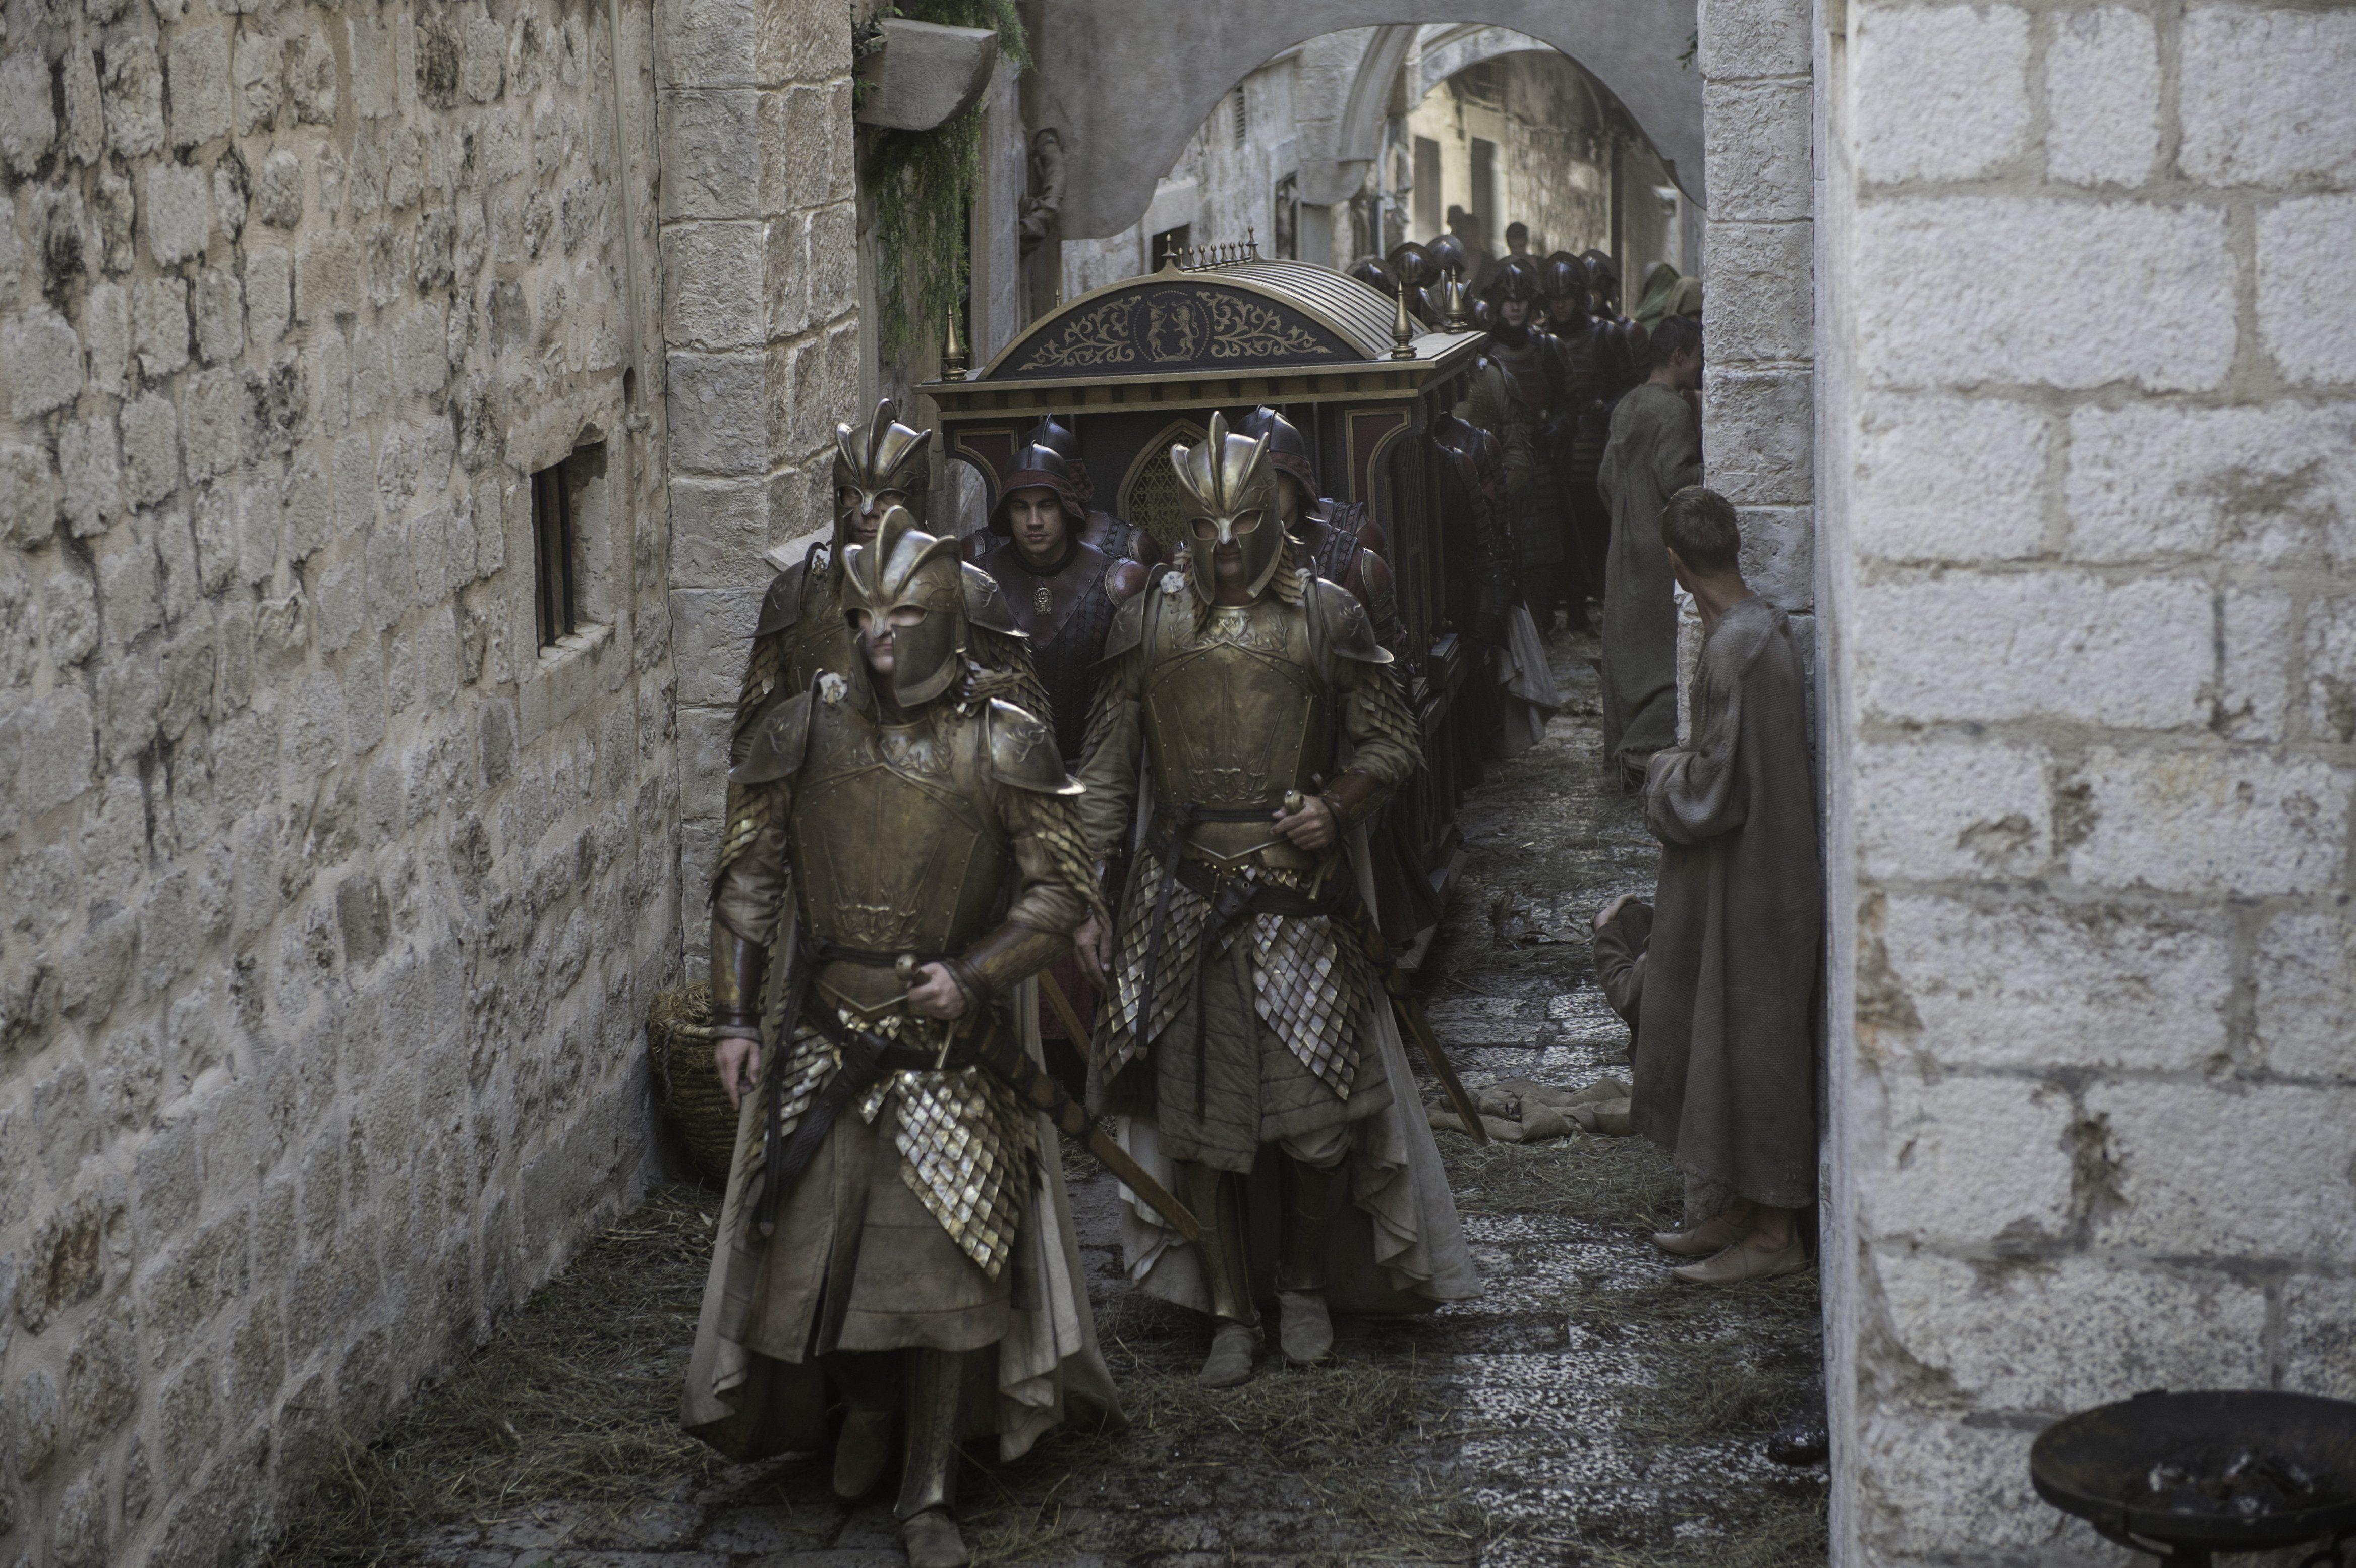 regarder game of thrones saison 1 en francais